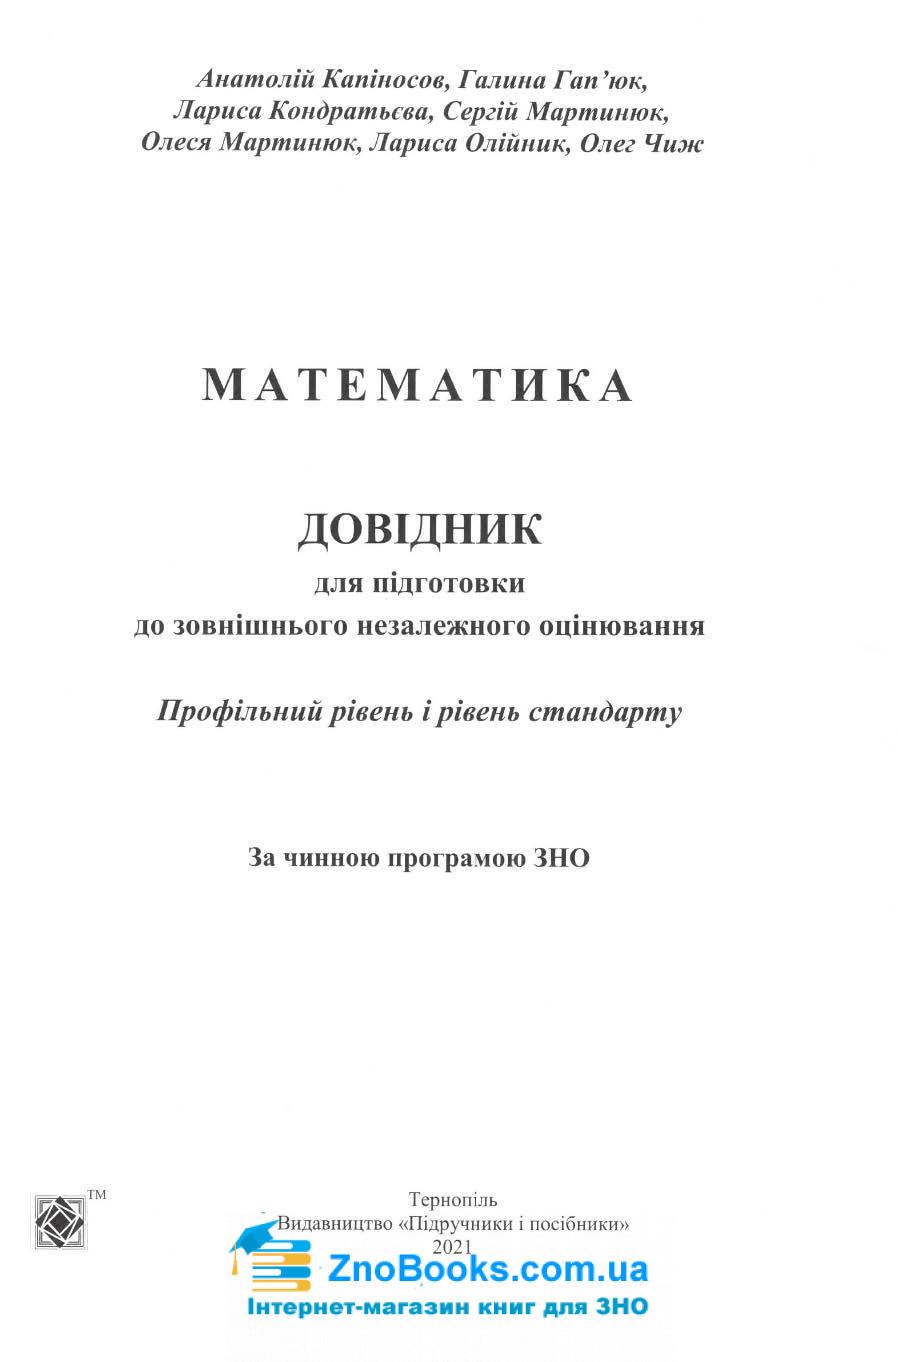 Математика. Довідник ЗНО 2022 : Капіносов А.  Підручники і посібники. купити 1